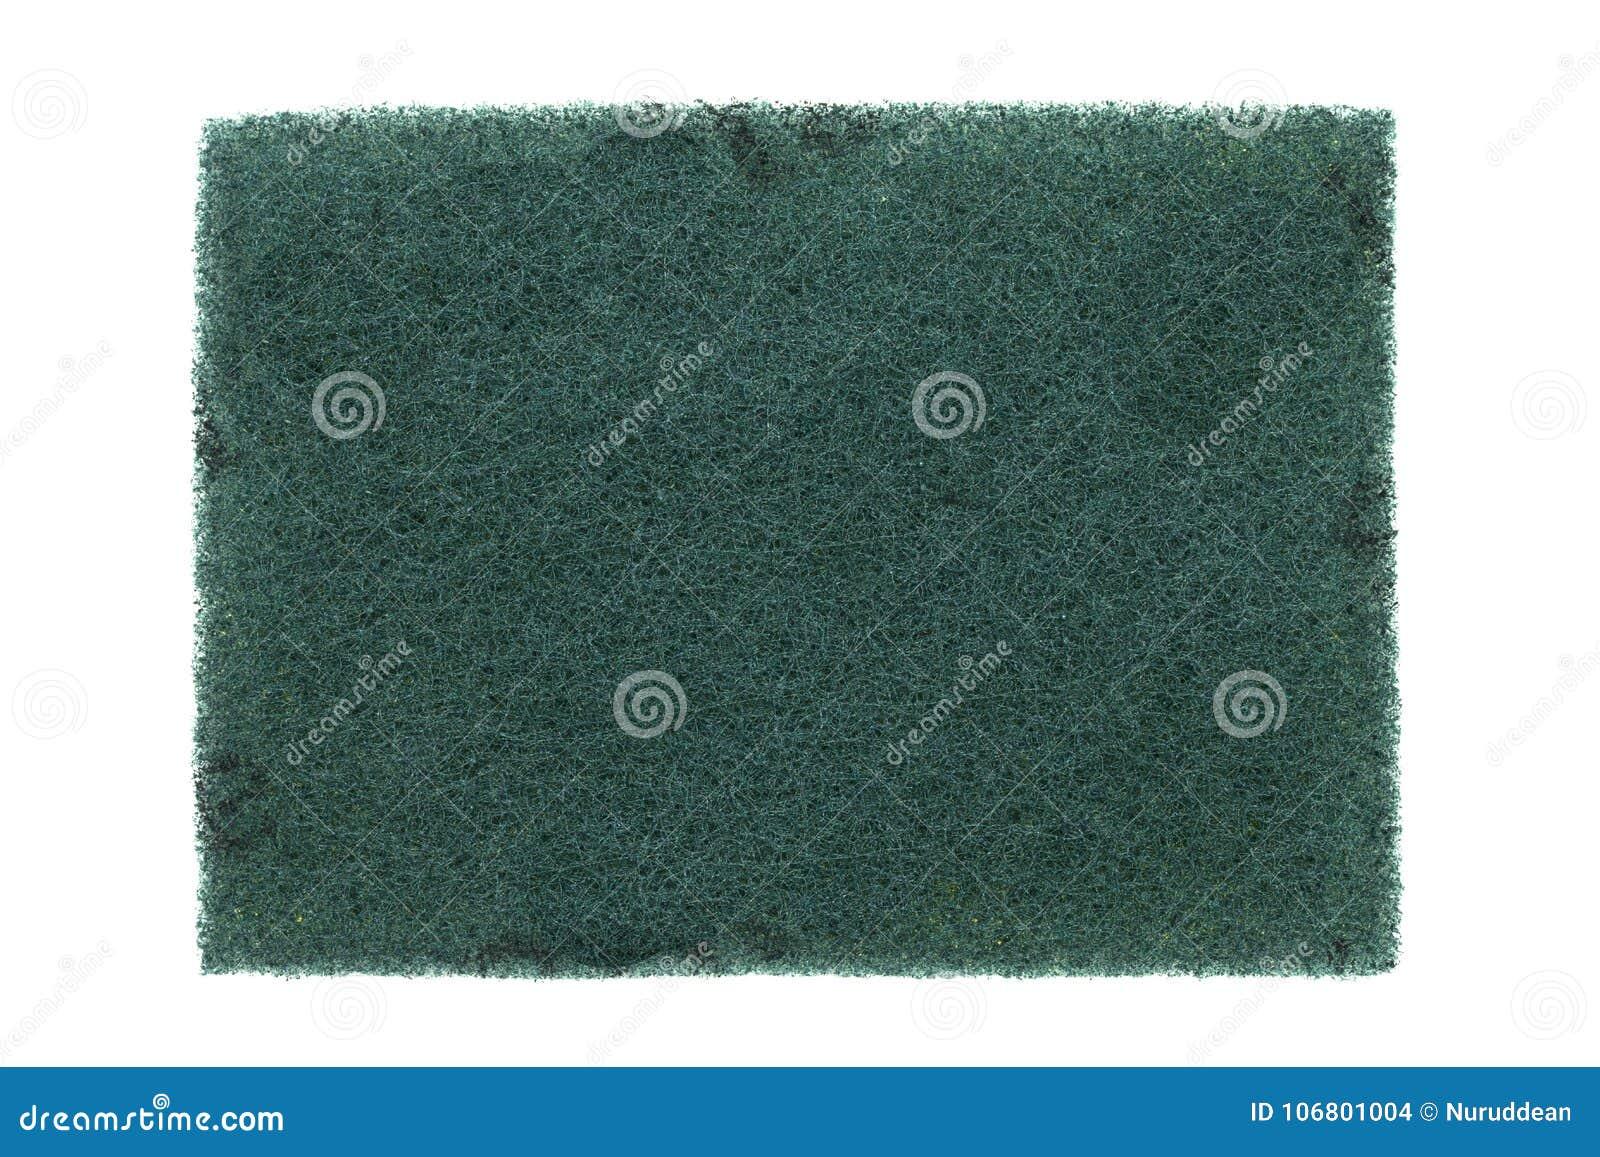 Download Küchenschwammreinigung Auf Dem Weißen Hintergrund Stockfoto - Bild von grob, ausrüstung: 106801004